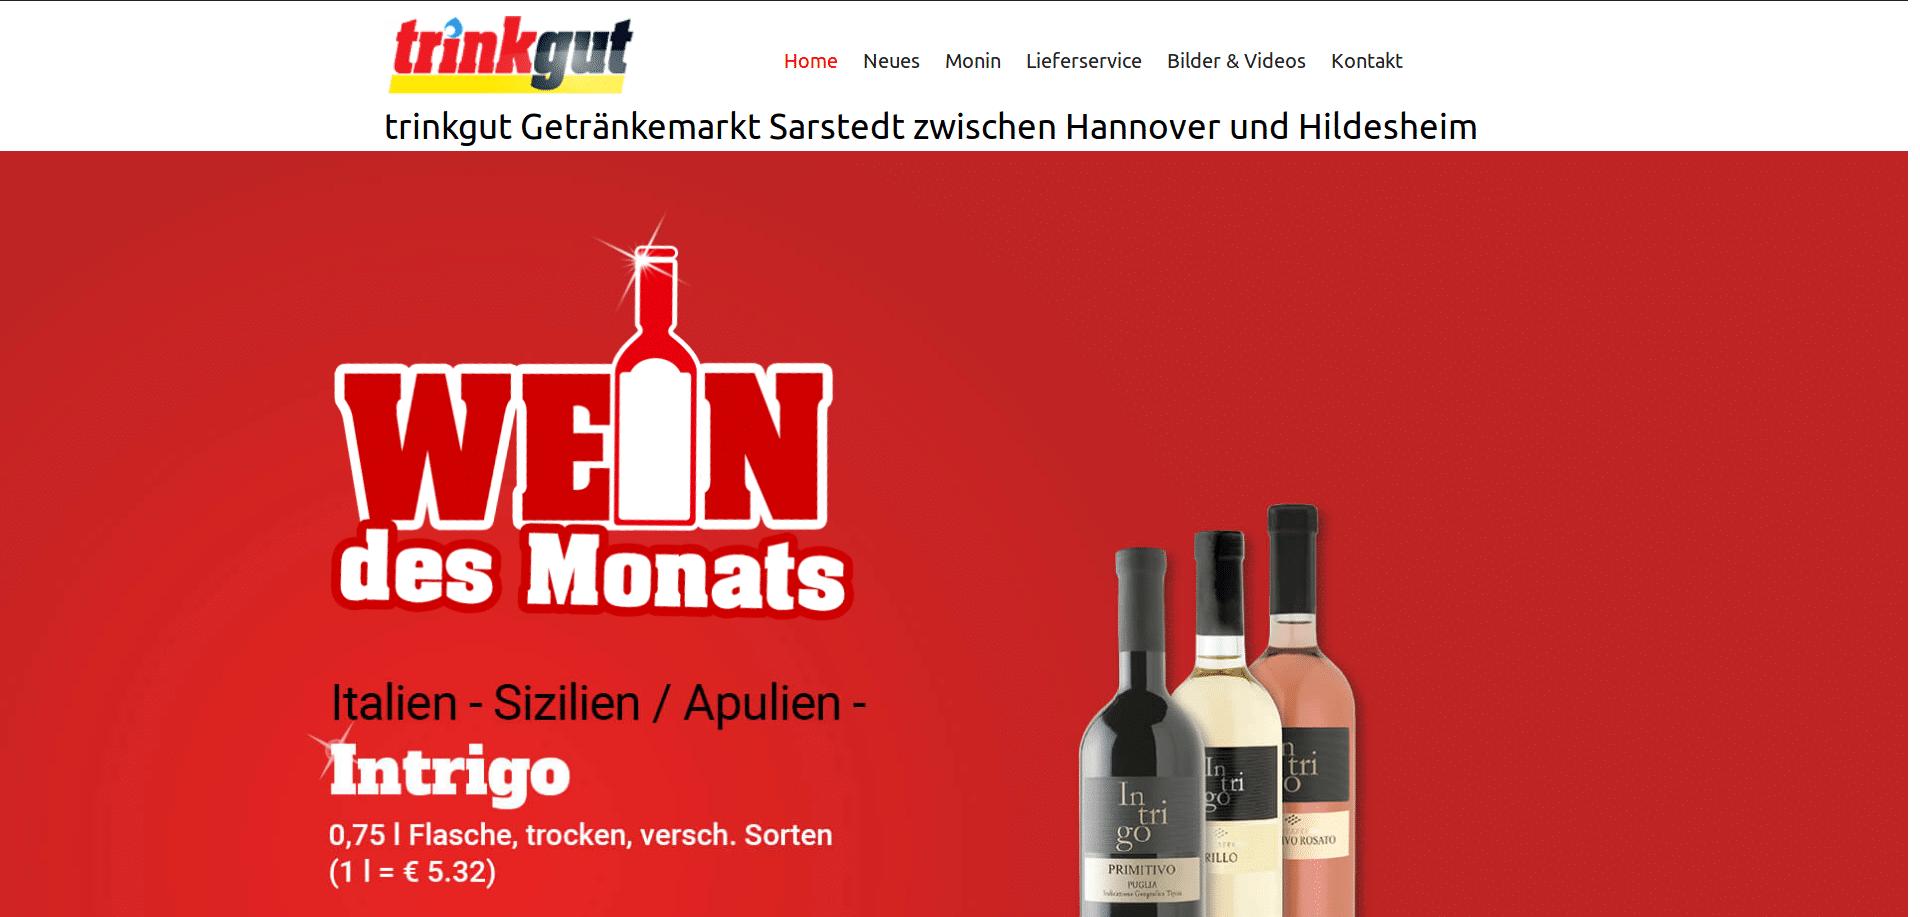 Screenshot-2018-2-14 Trinkgut Getränkemarkt Sarstedt zwischen Hannover und Hildesheim